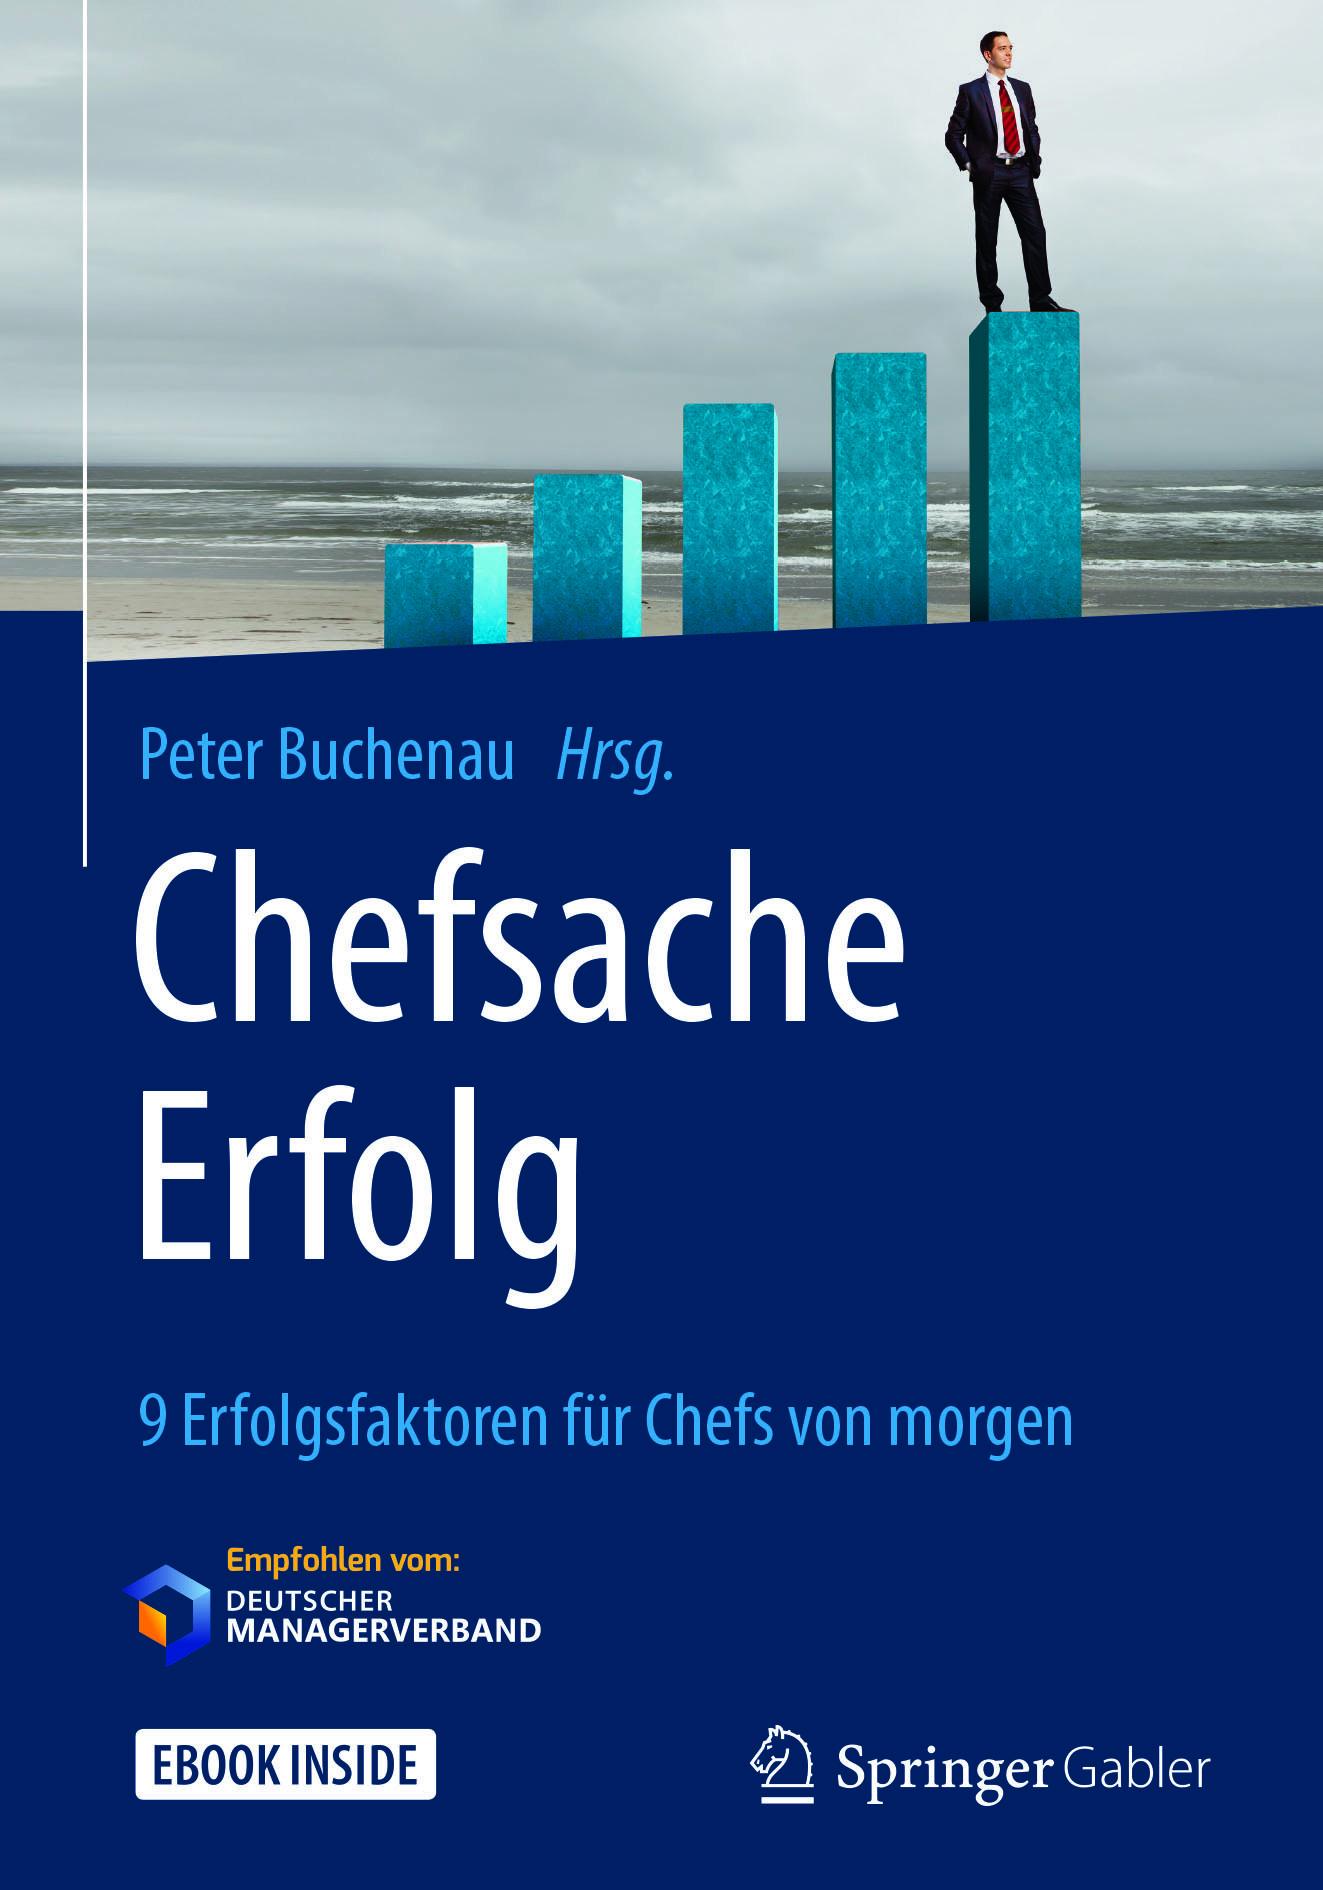 Buchenau, Peter - Chefsache Erfolg, ebook